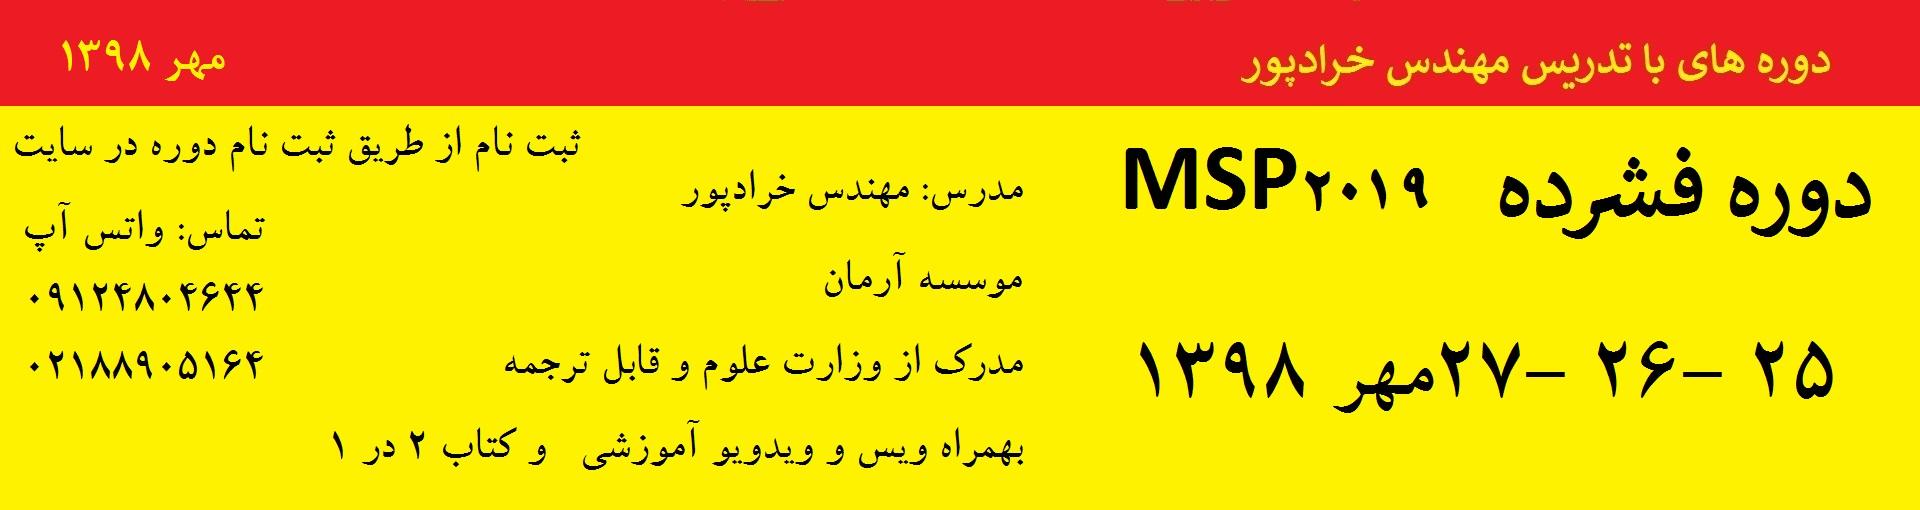 دوره MSP 2019